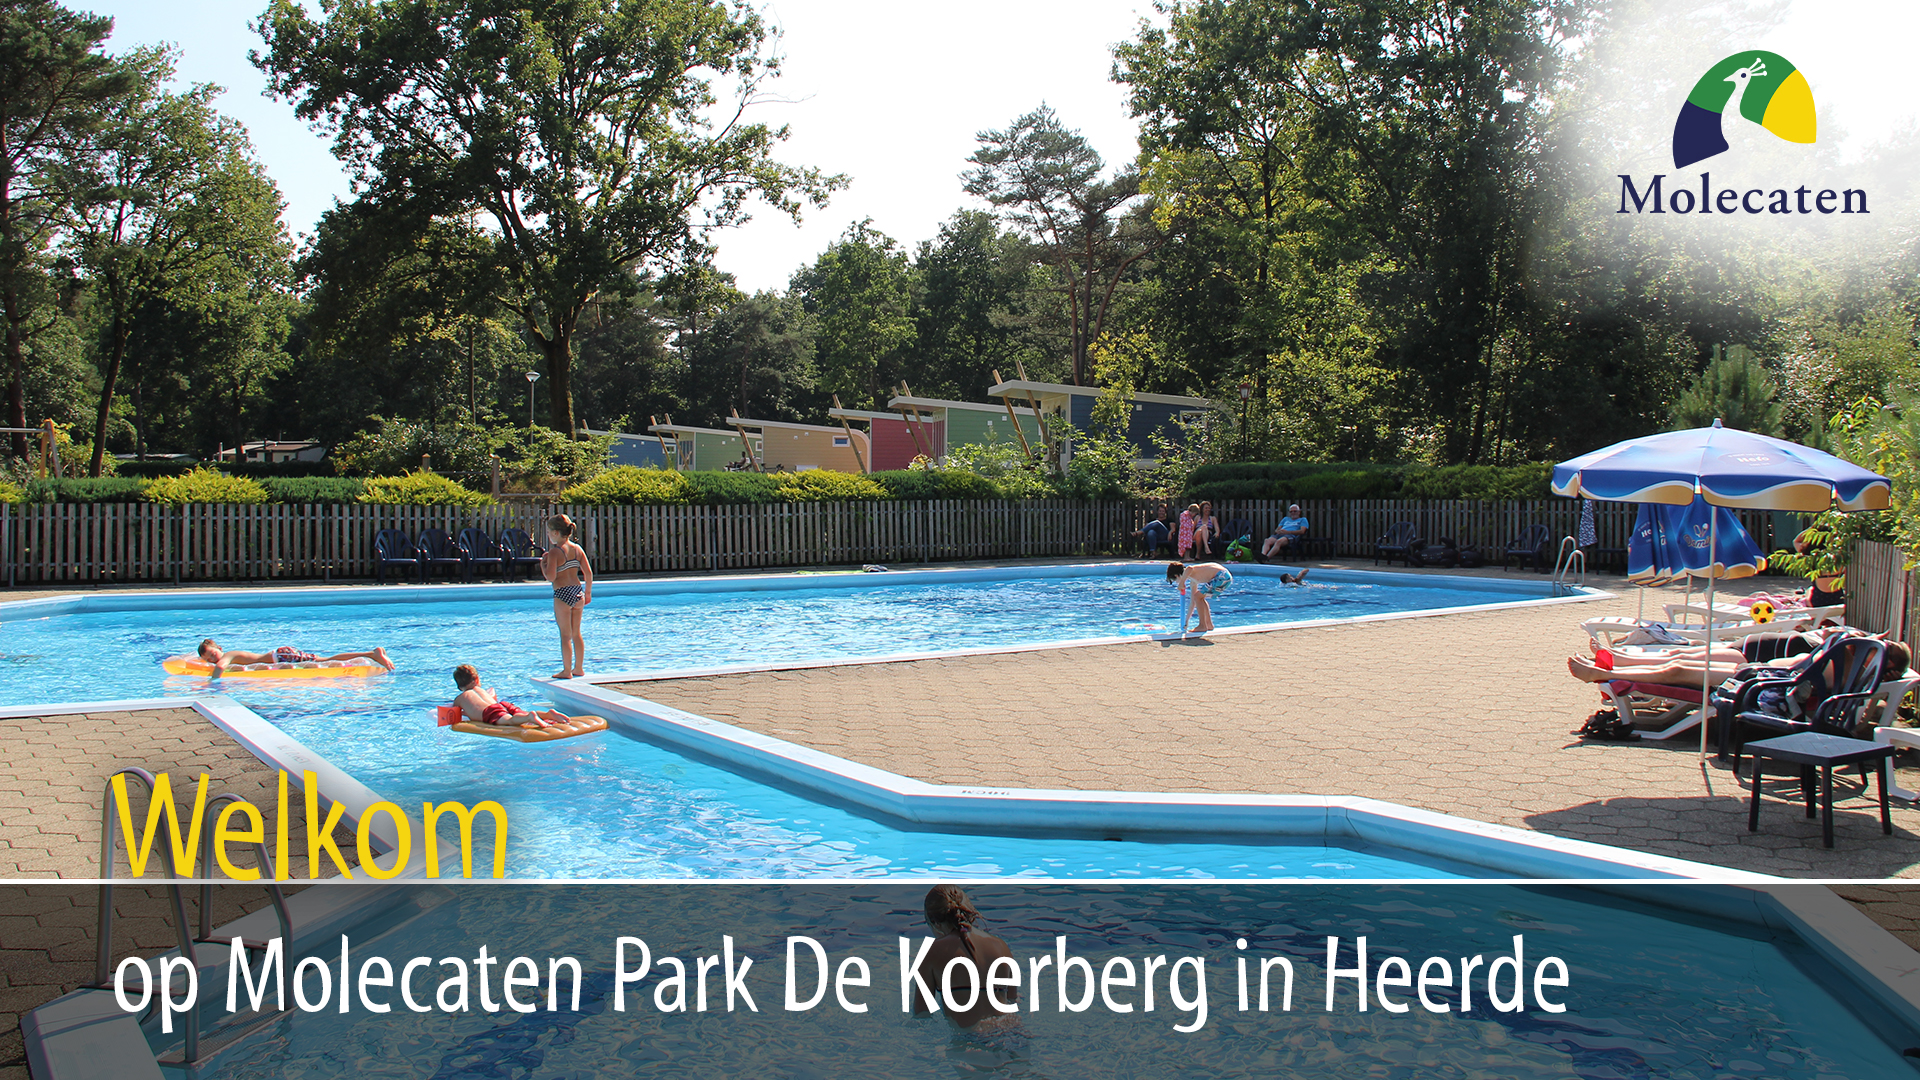 Molecaten Park De Koerberg in Heerde 2